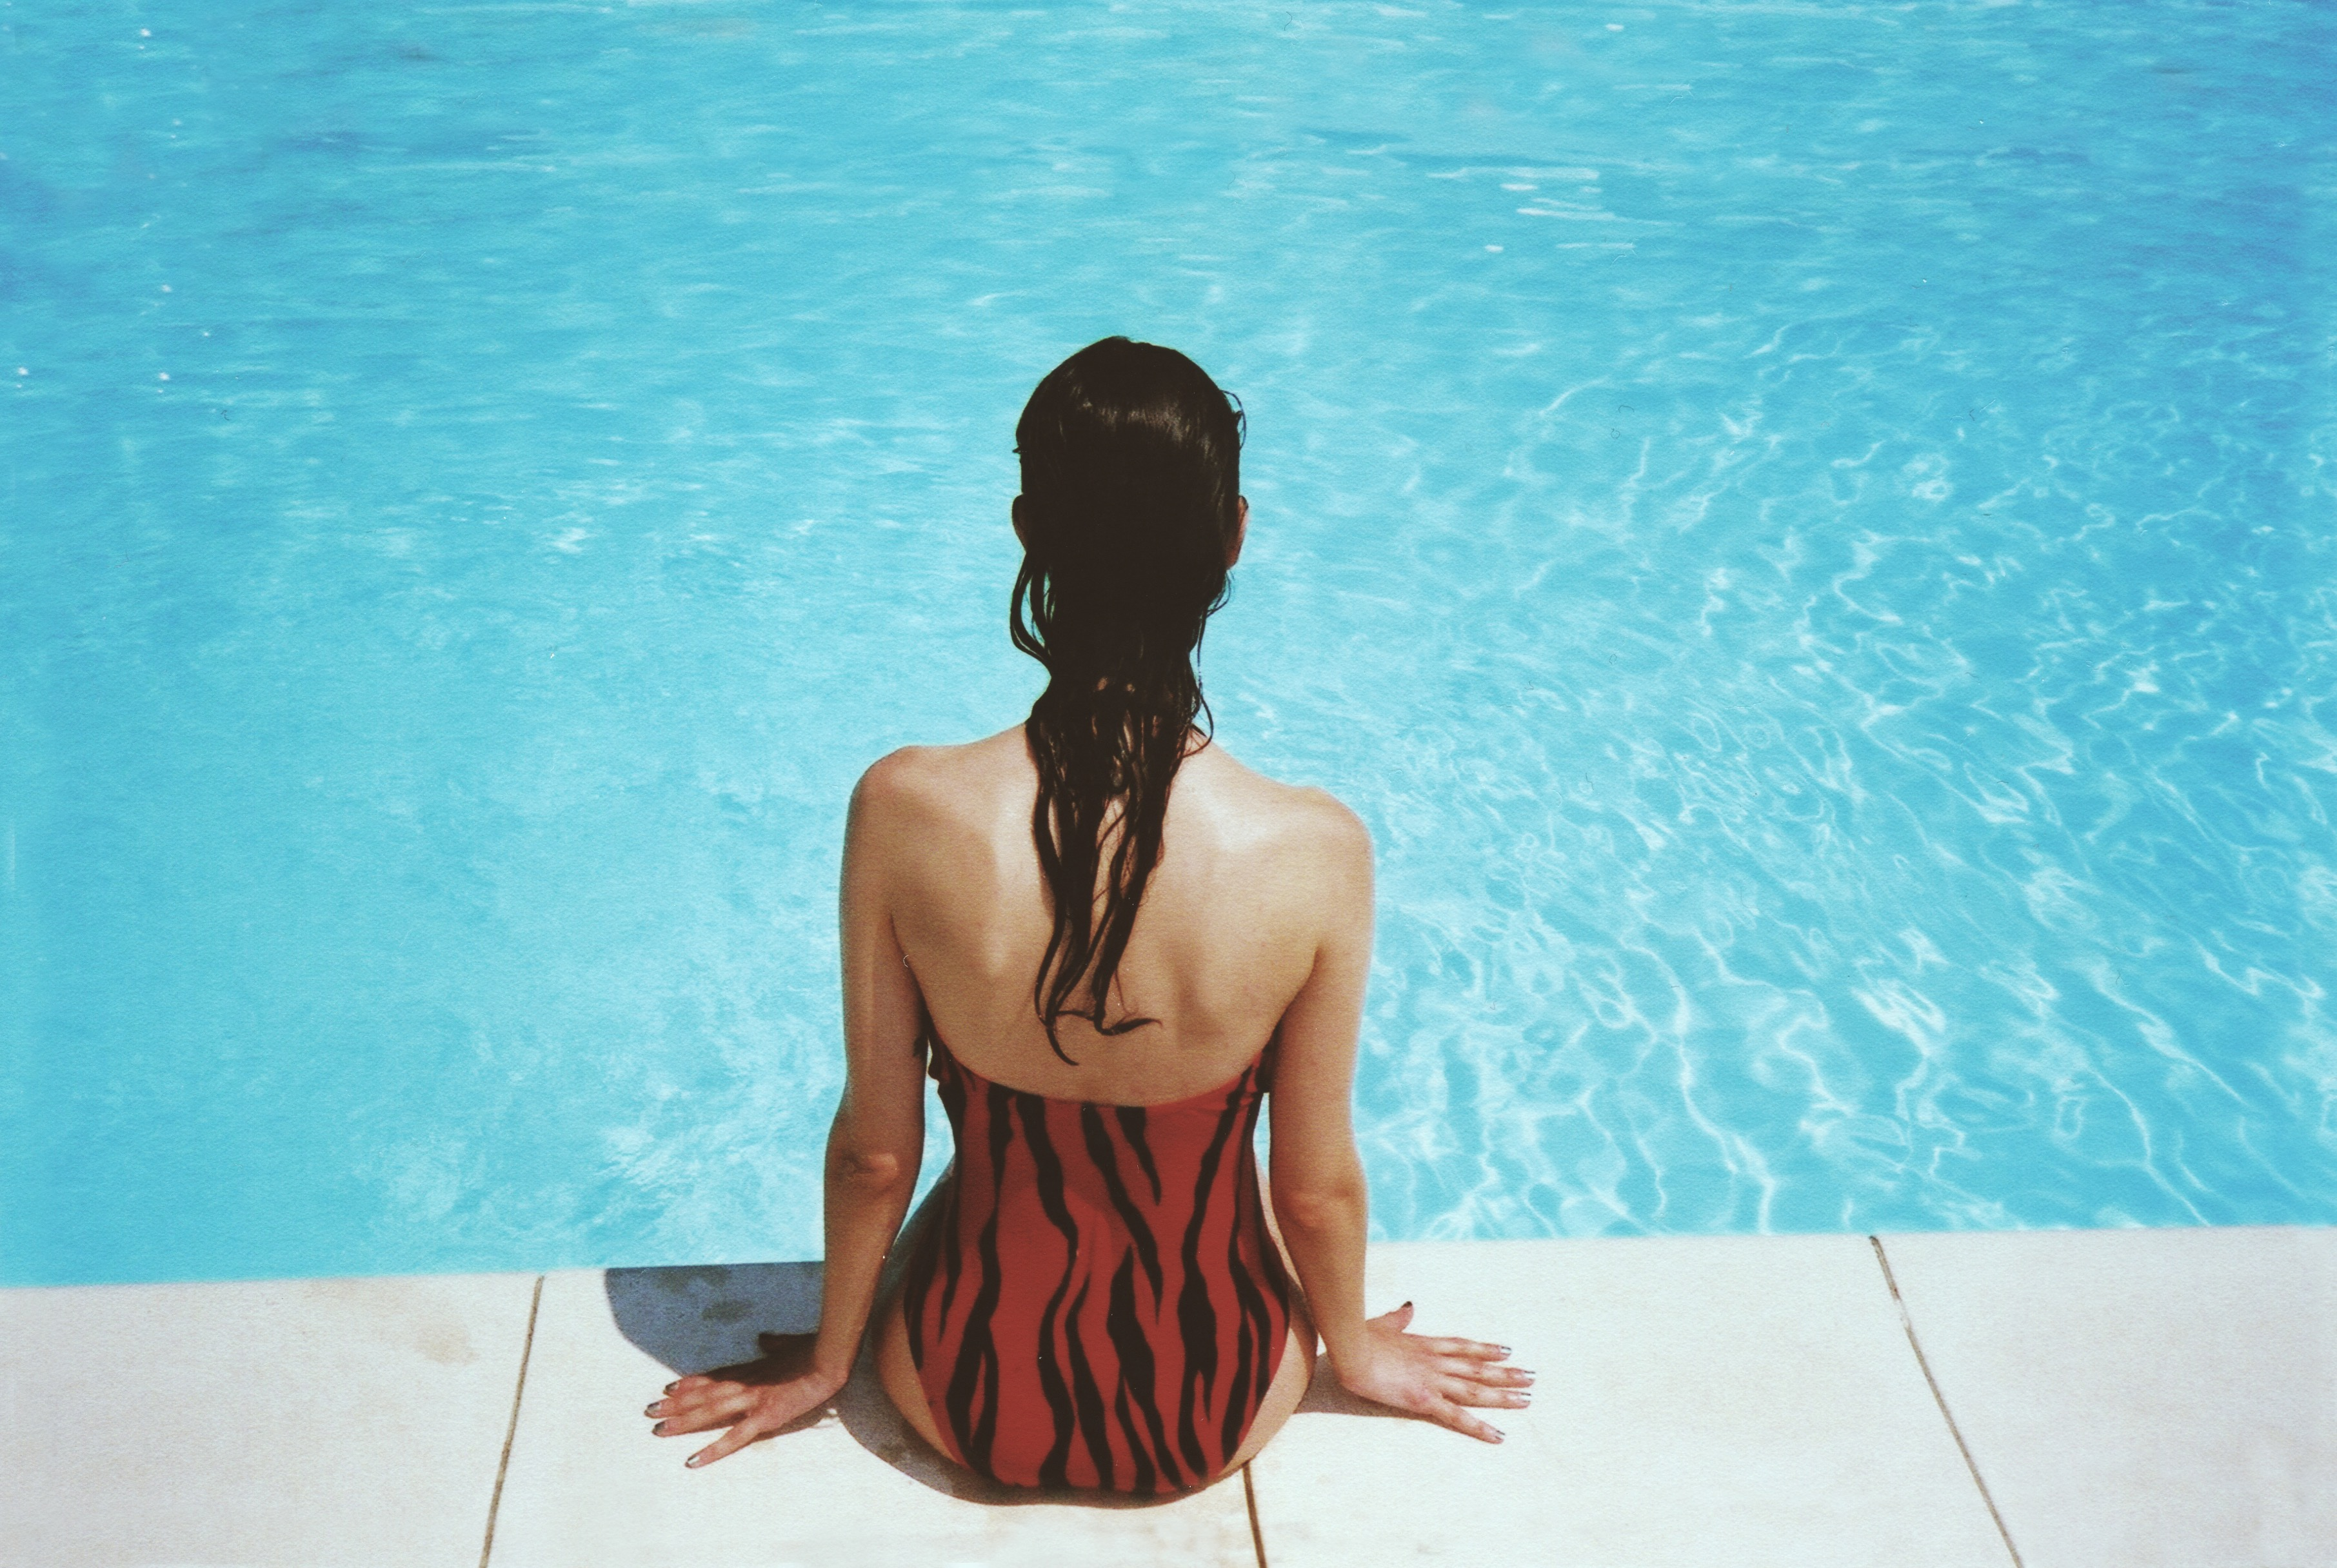 Hautkrebs - Ist die Sonne schuld?